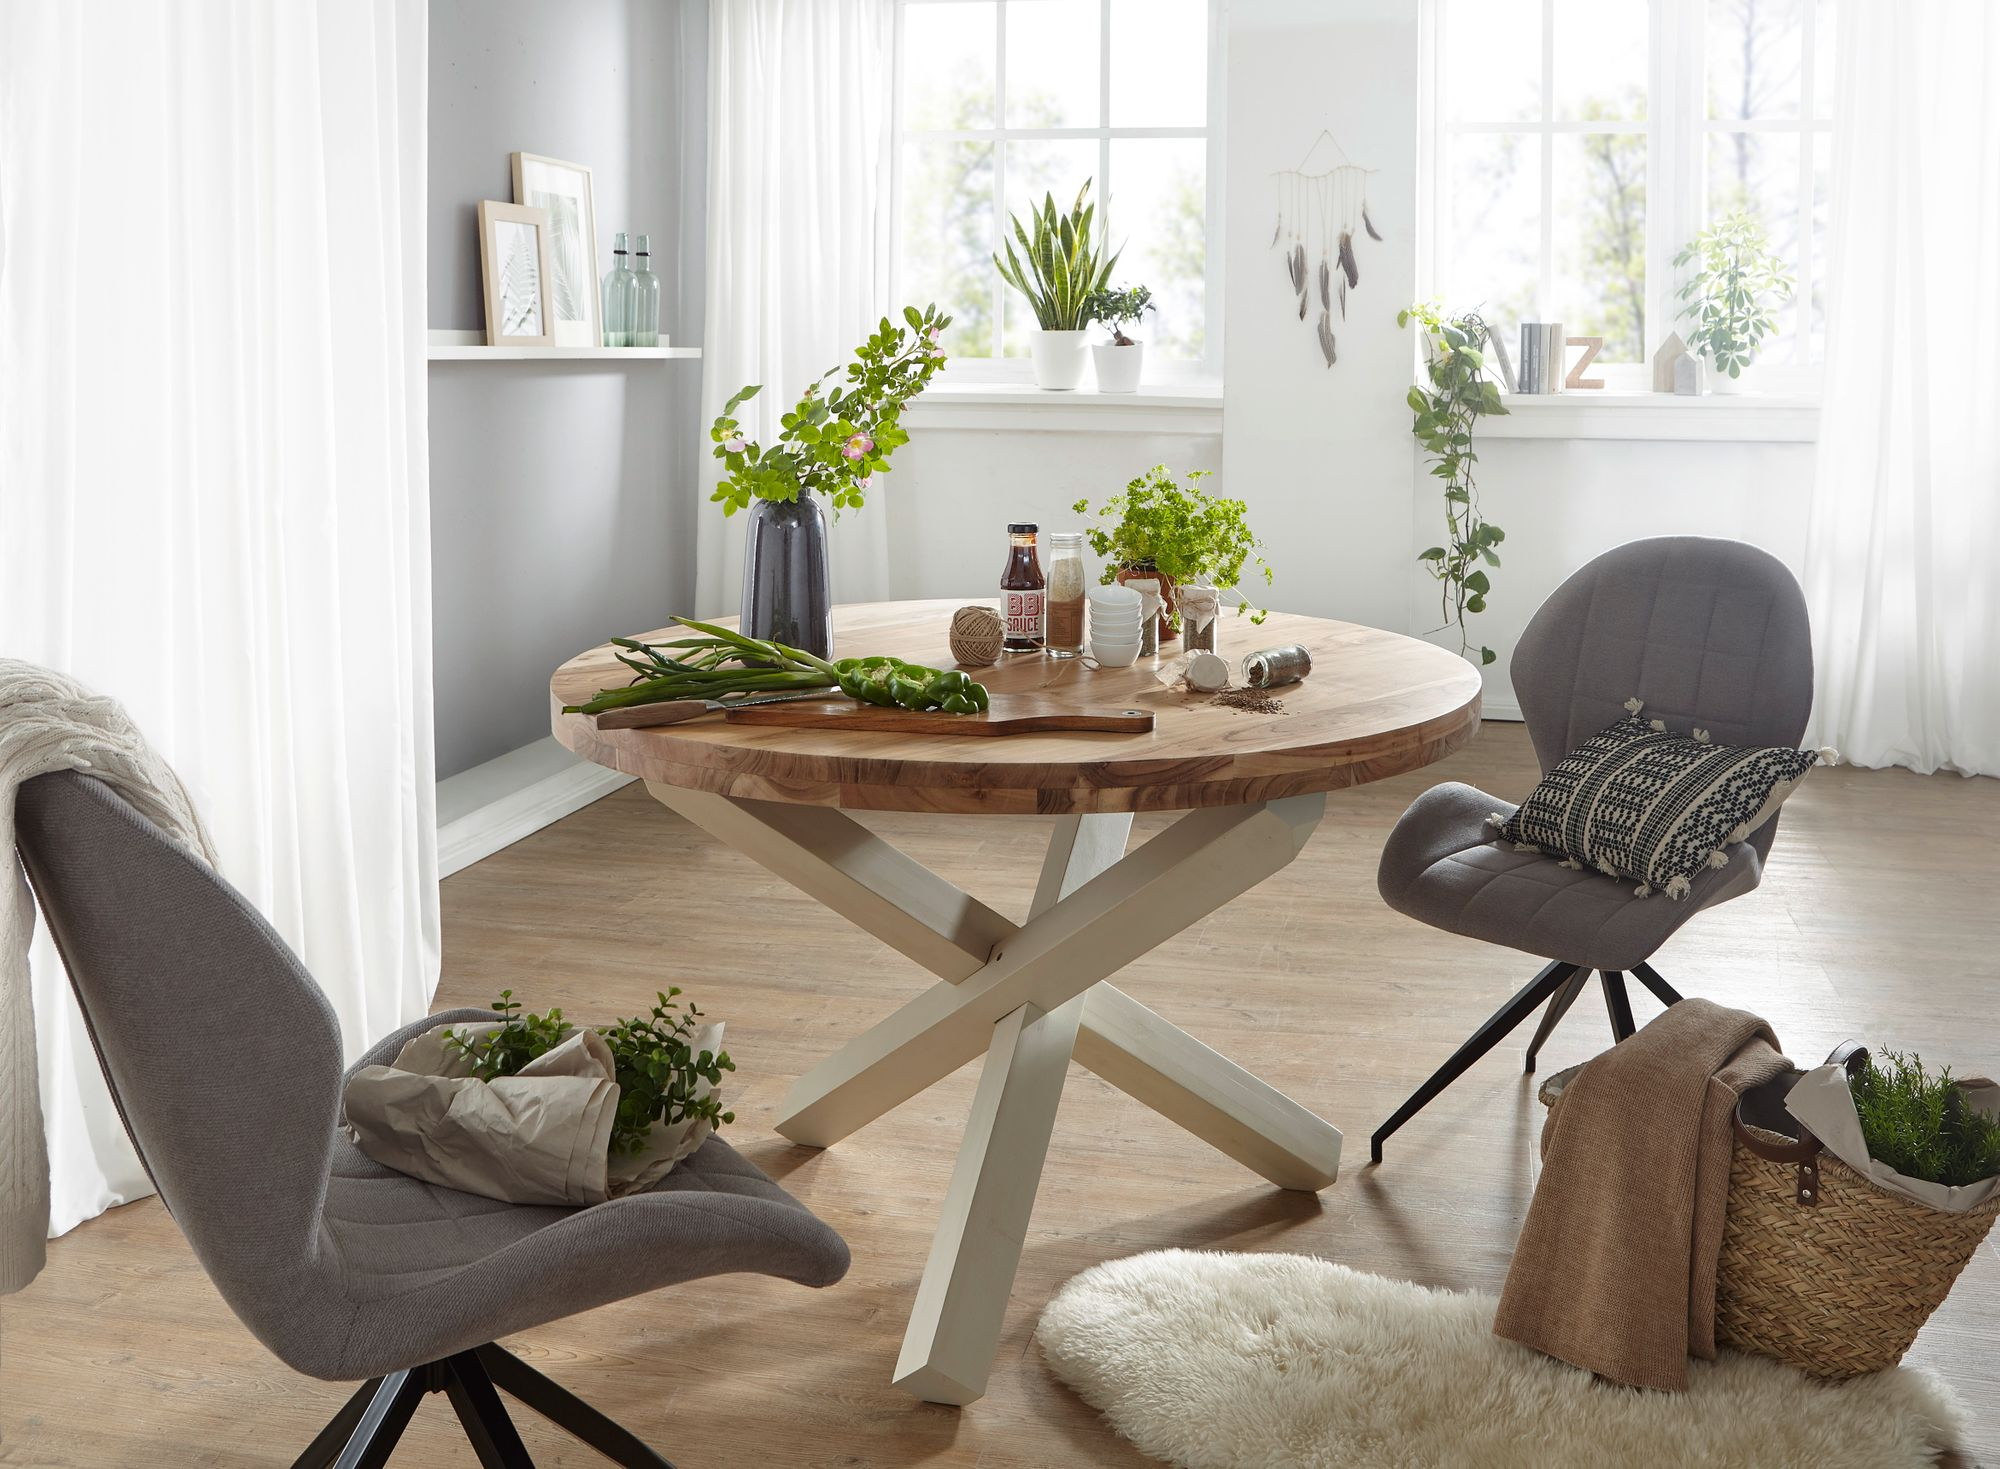 Finebuy Design Esszimmertisch Rund O 120 Cm X 75 Cm Massiv Holz Landhaus Esstisch 4